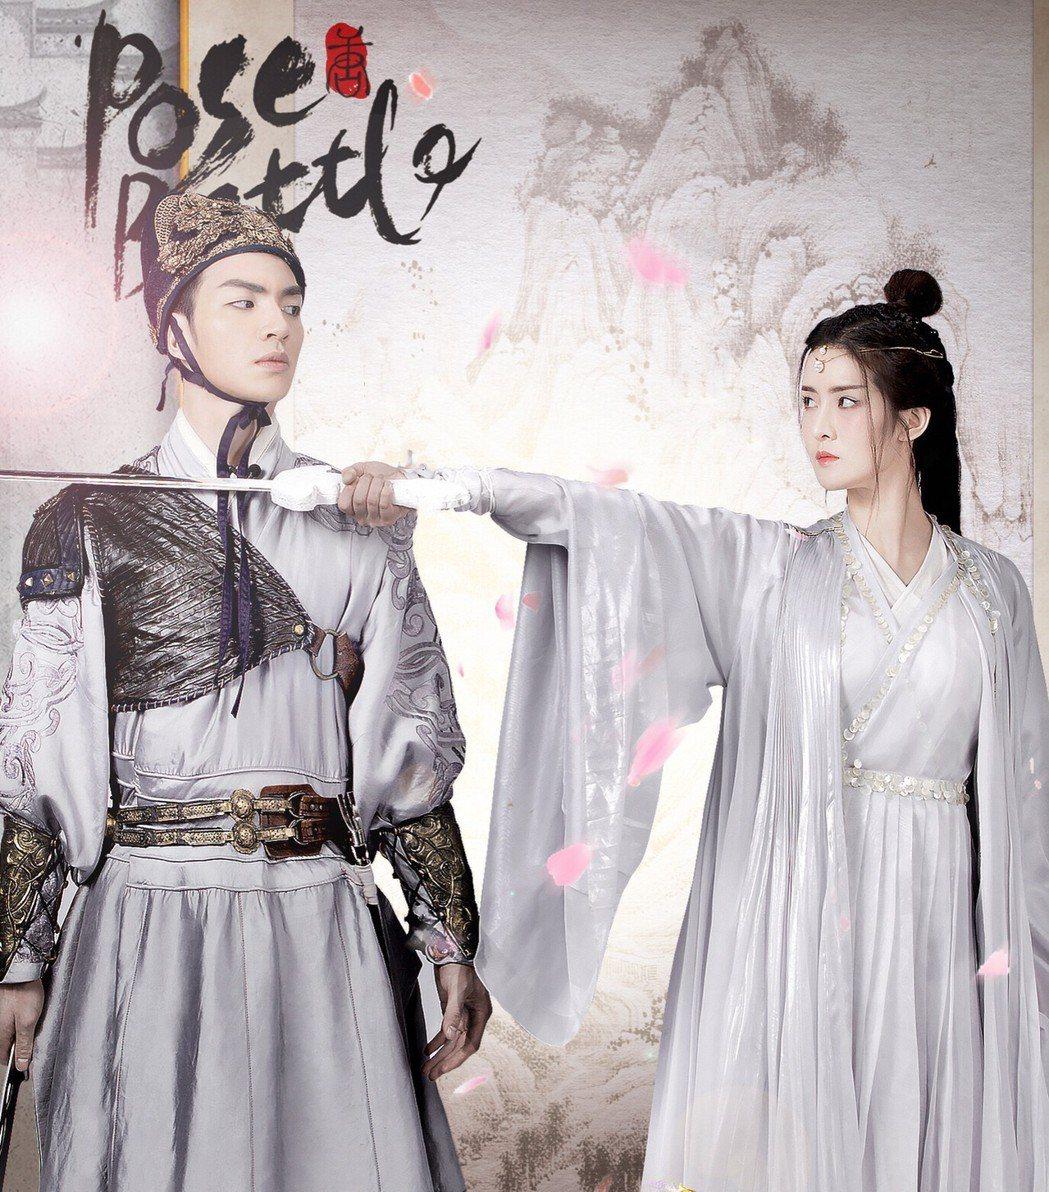 張洛偍(左)選擇了「大唐盛世」主題表演。圖/周子娛樂提供